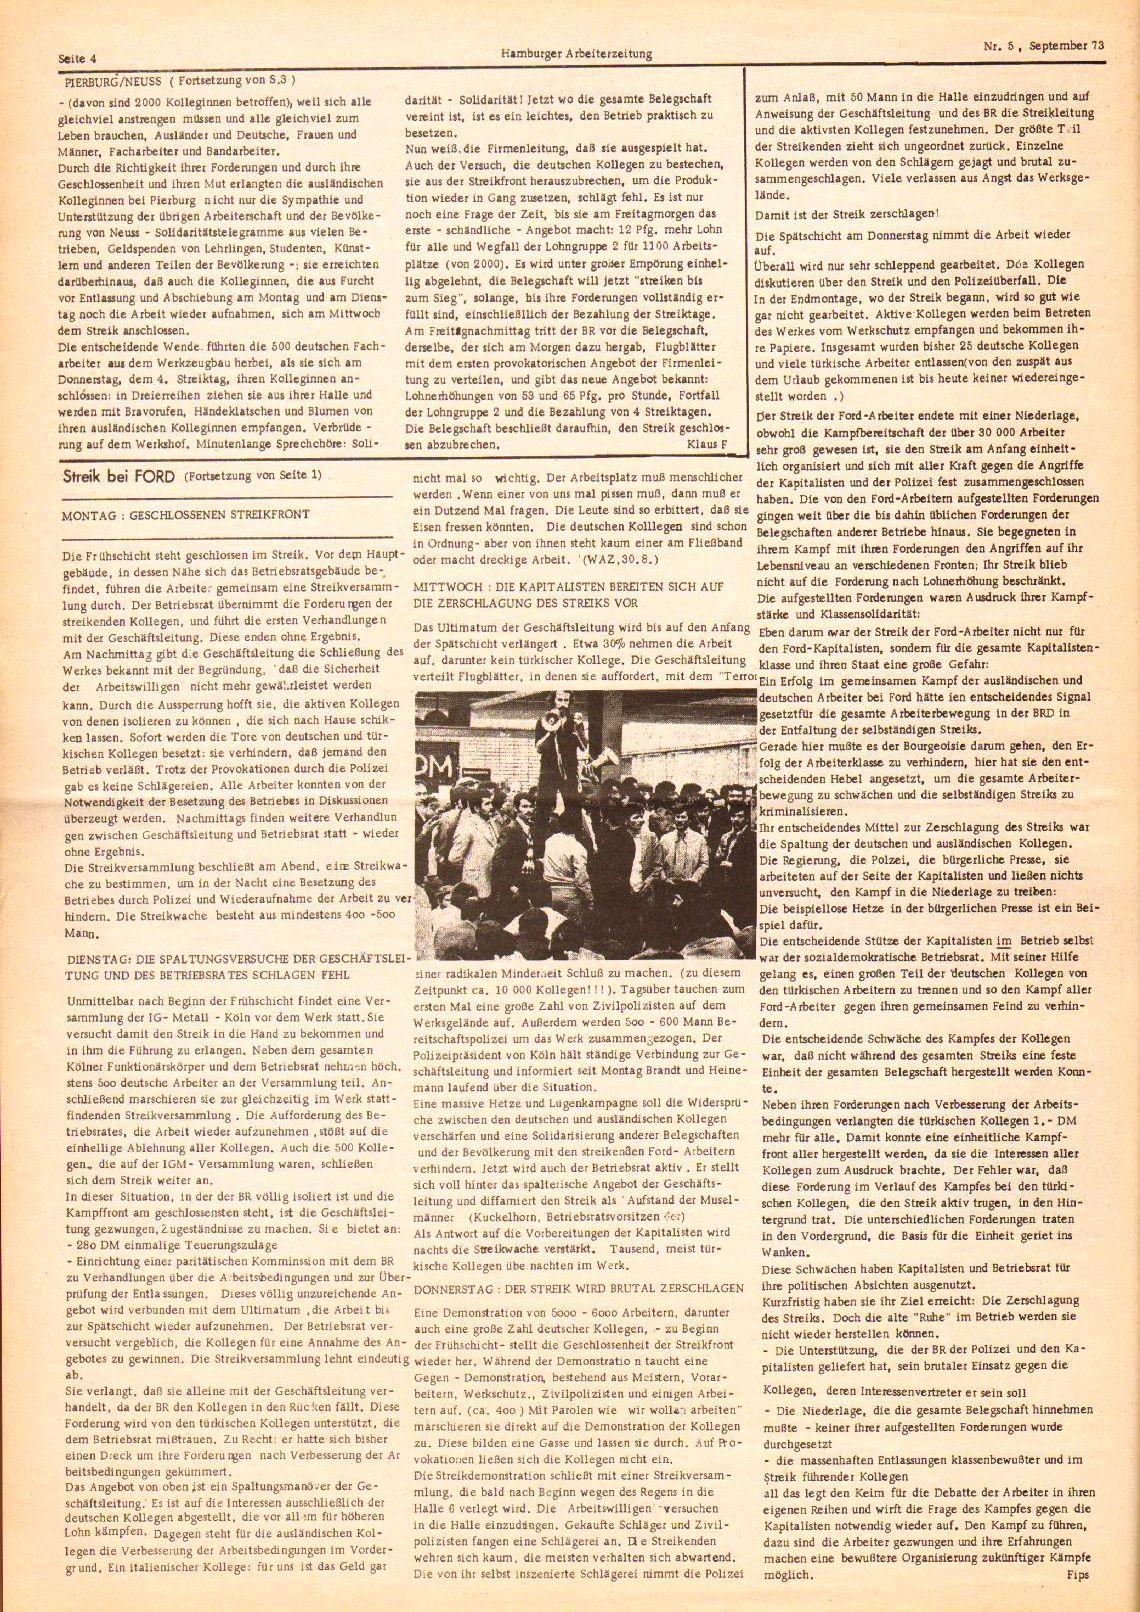 Hamburger_Arbeiterzeitung081